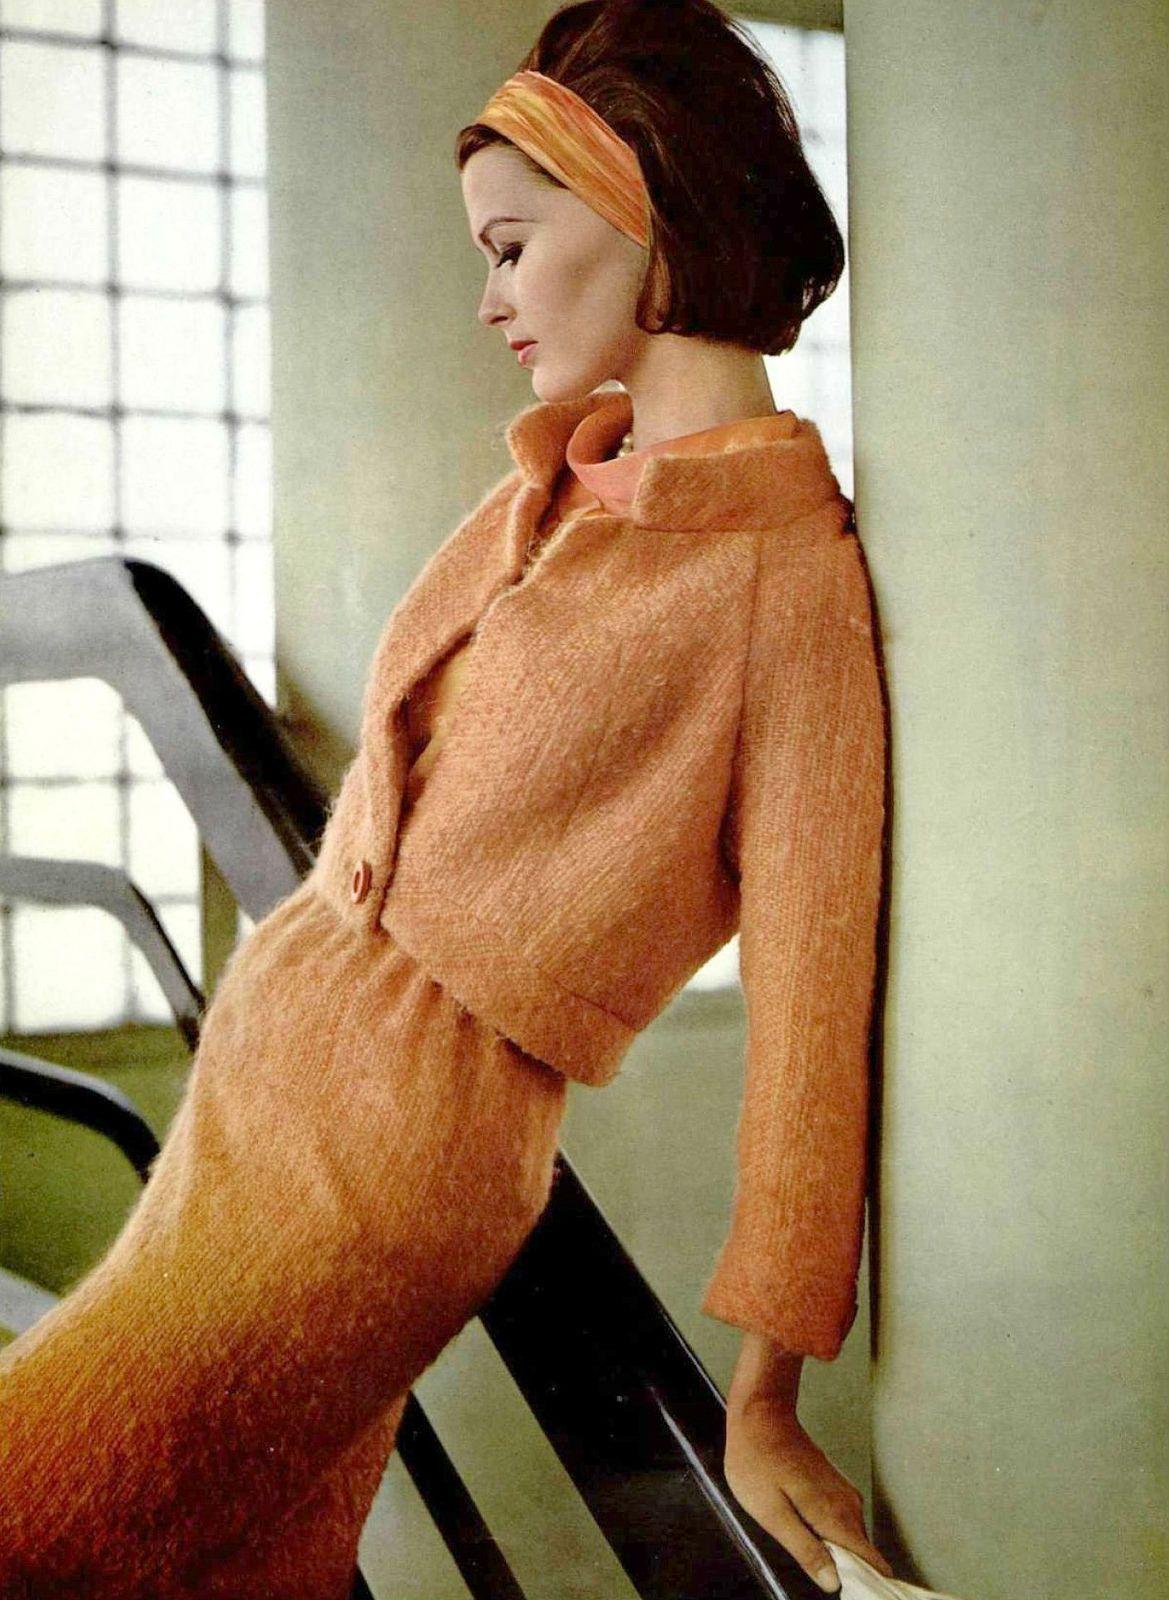 Model in peach heather wool by Pierre Balmain, photo by Pottier, 1964